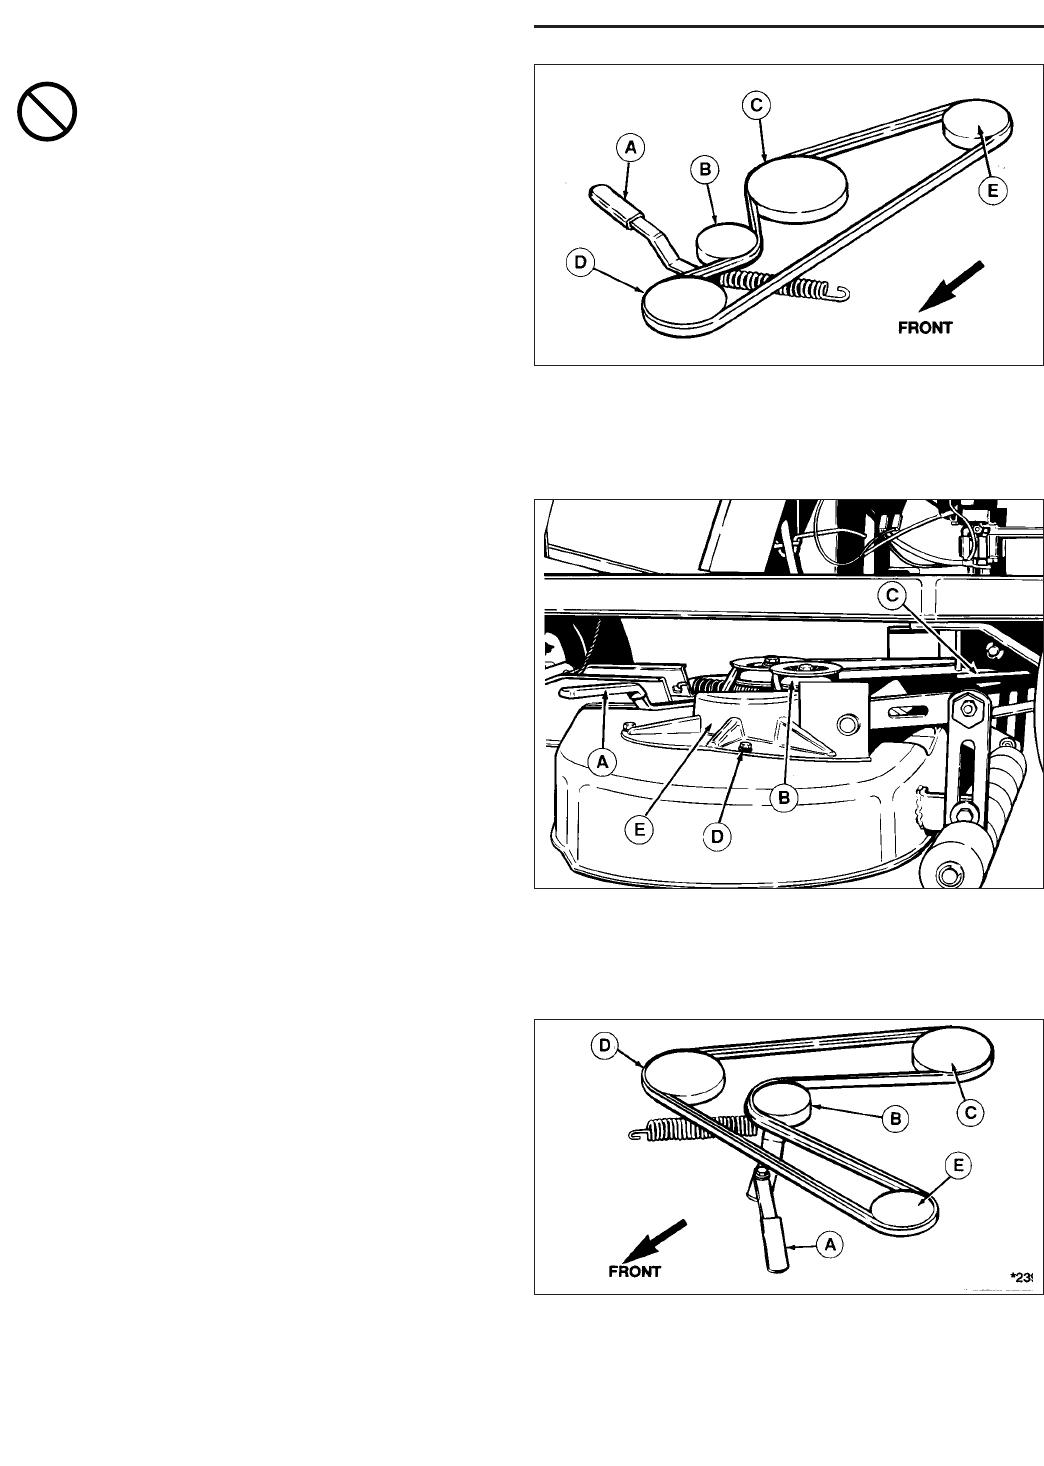 snapper re 200 rider drive belt replacement, mower belt ...  manuals